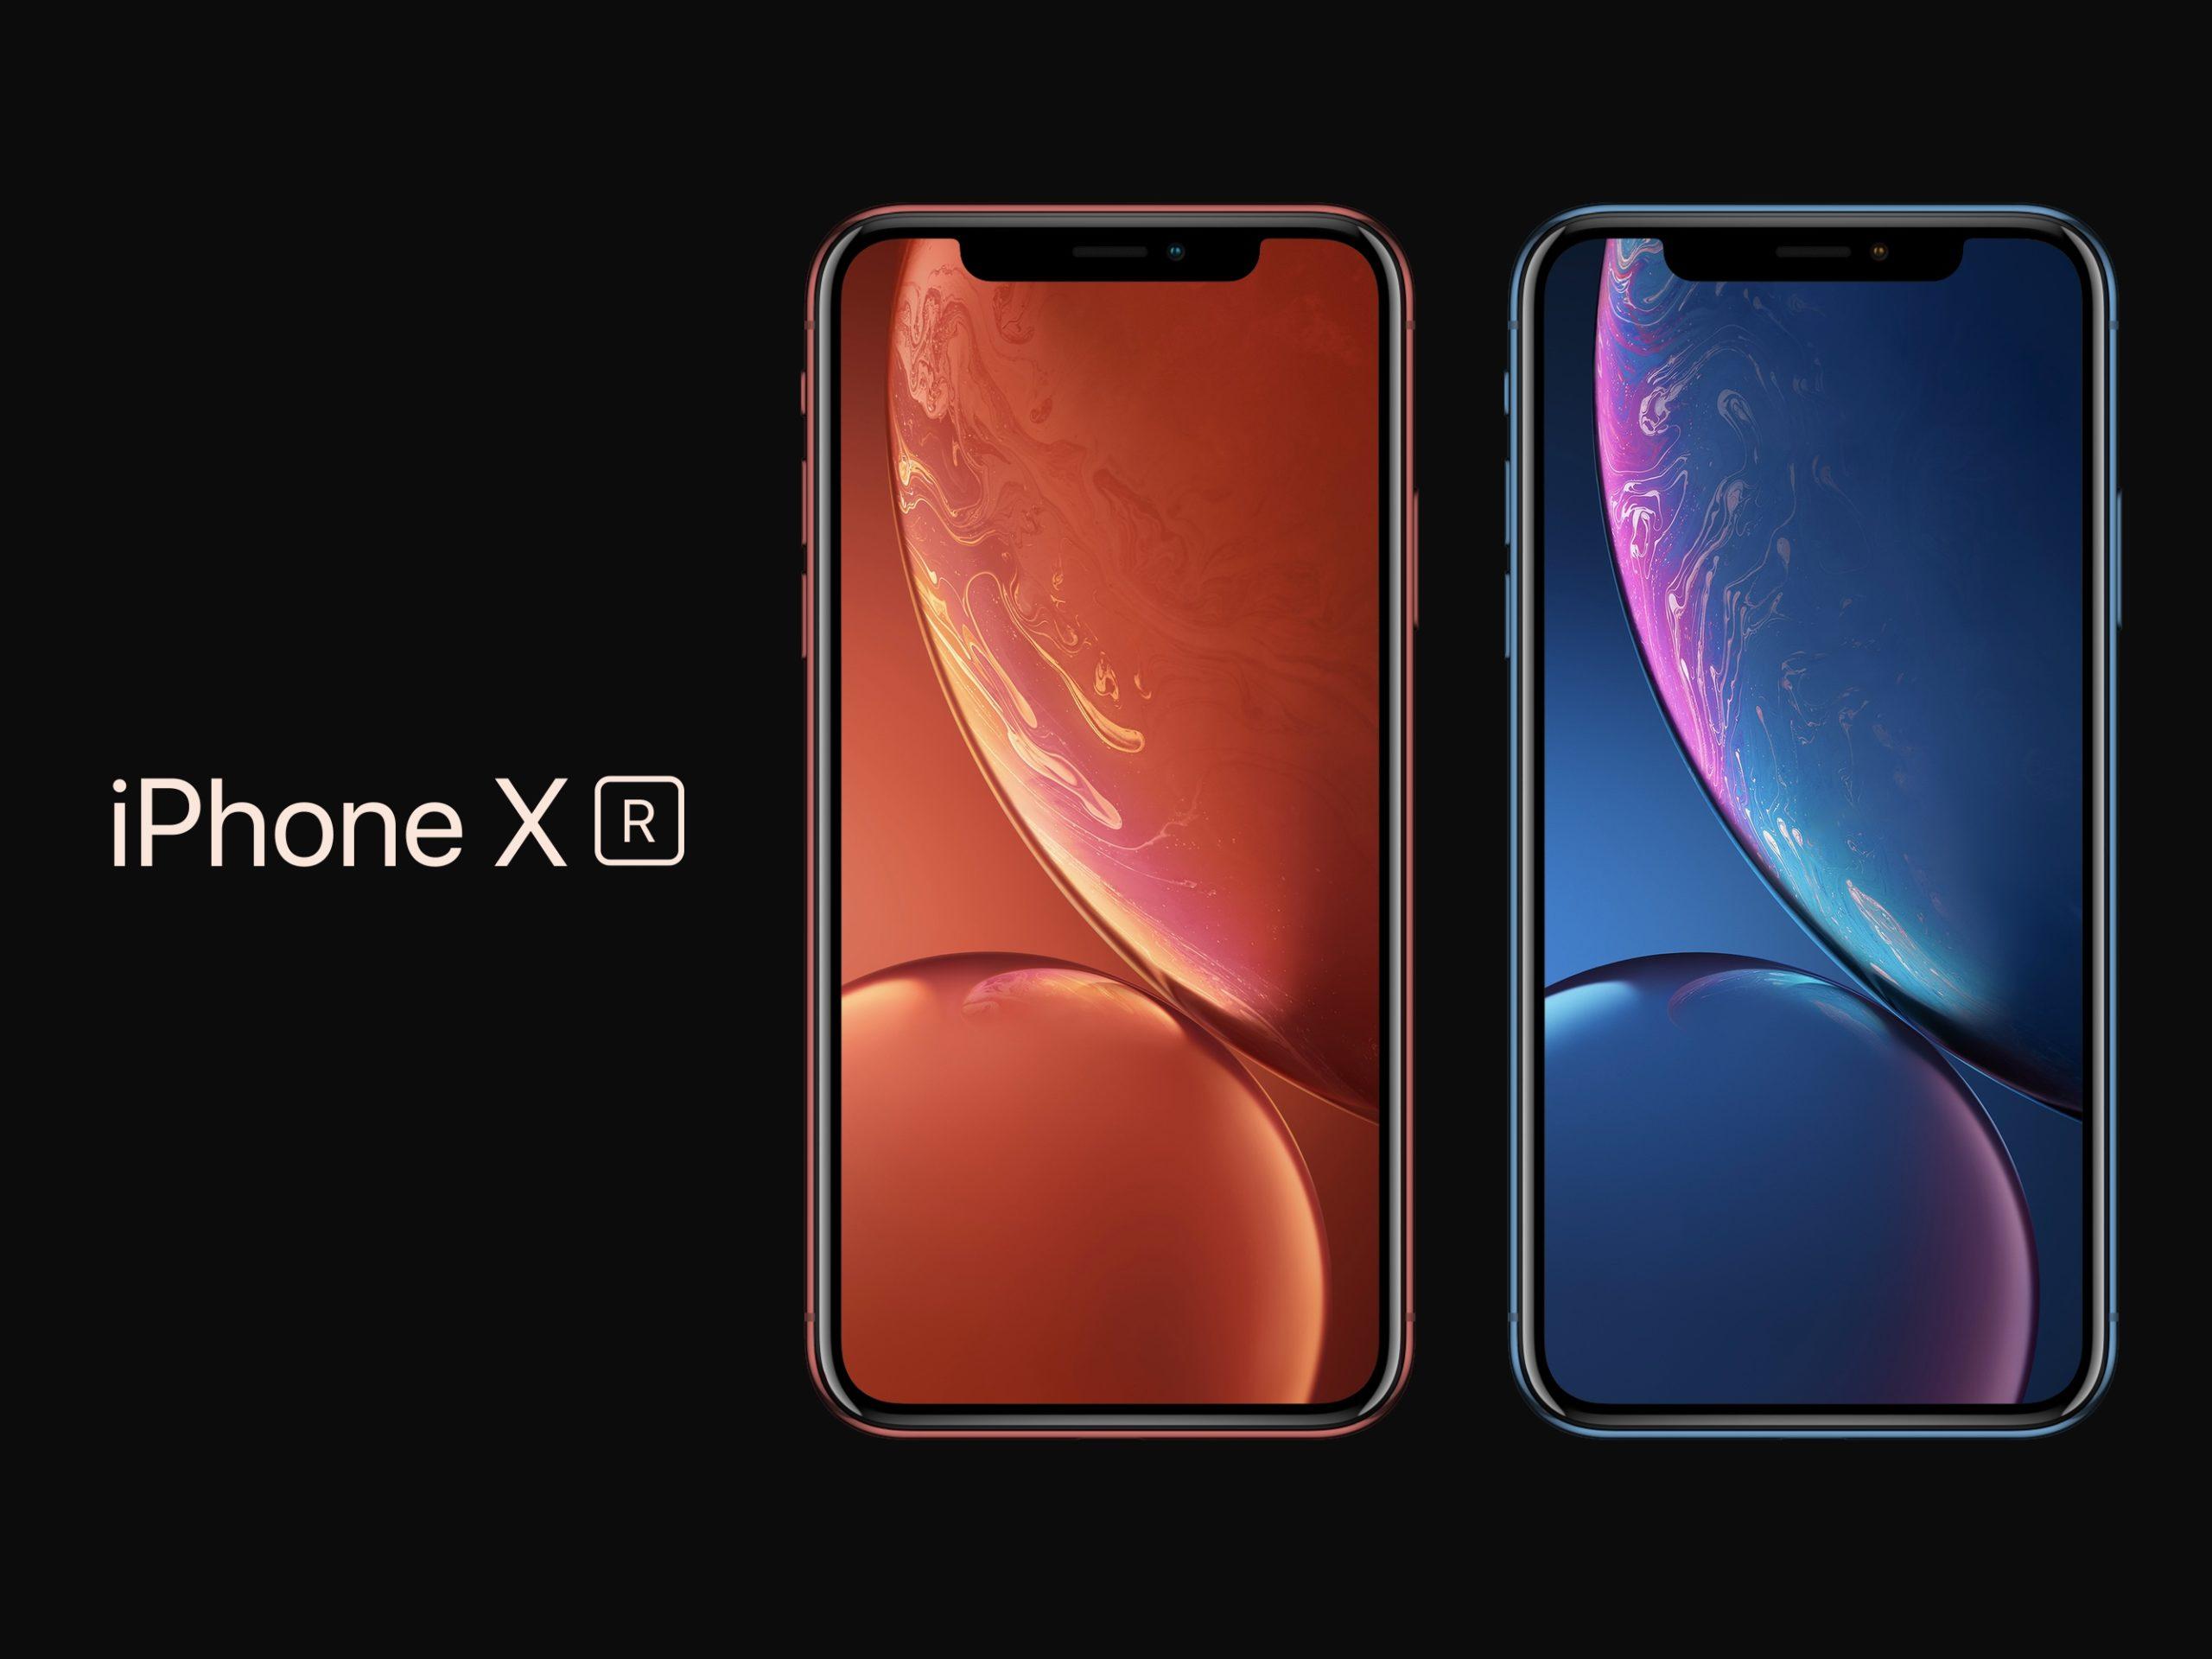 Apple se ve obligada a ajustar el suministro de fabricación de iPhone XR